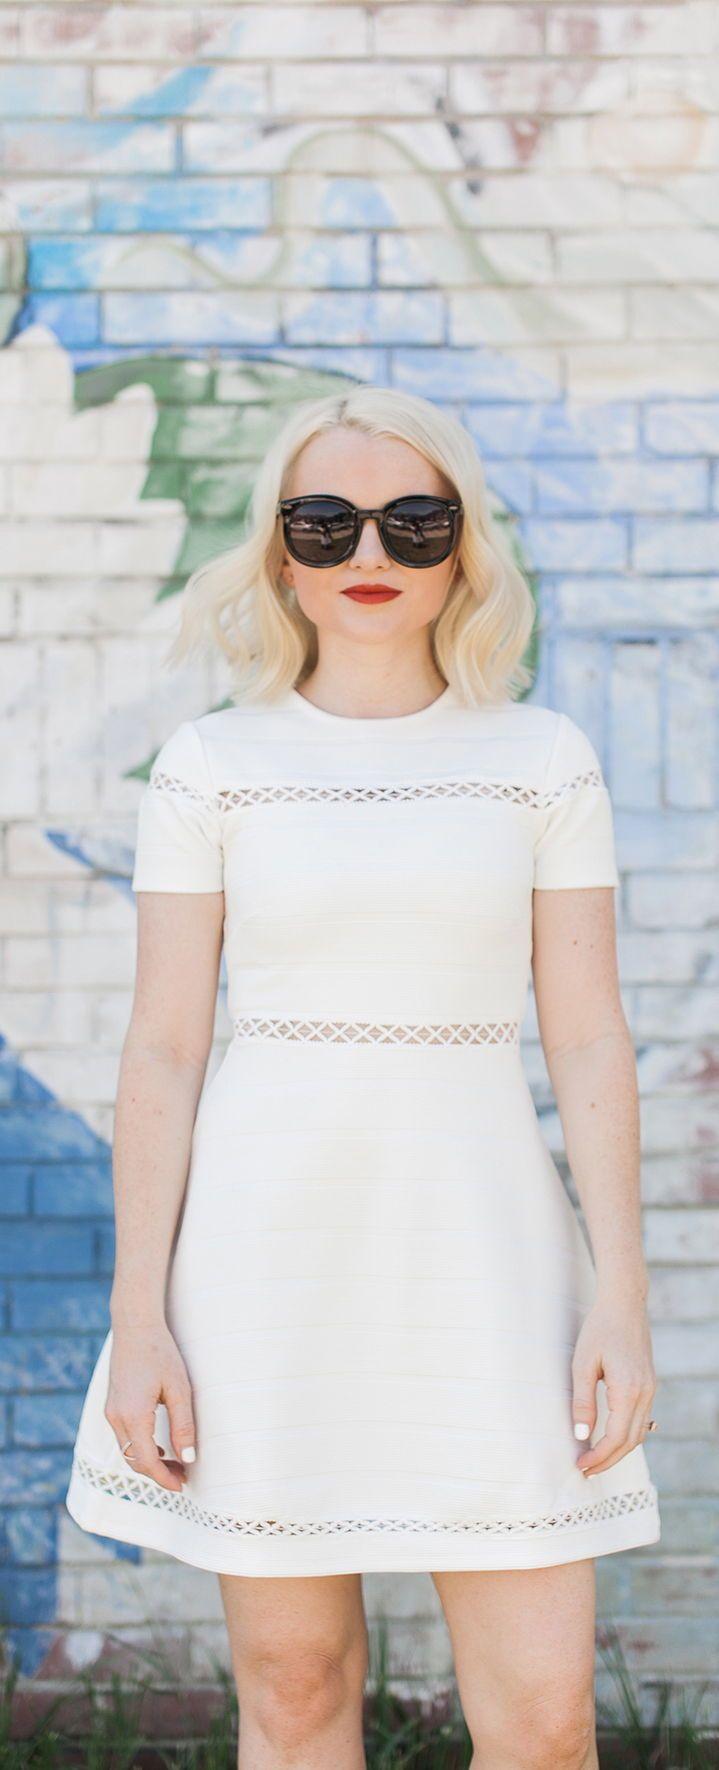 1f0cd24f89 The Best Little White Dress For Summer - Poor Little It Girl   poorlittleitgirl  LWD  PetiteStyle